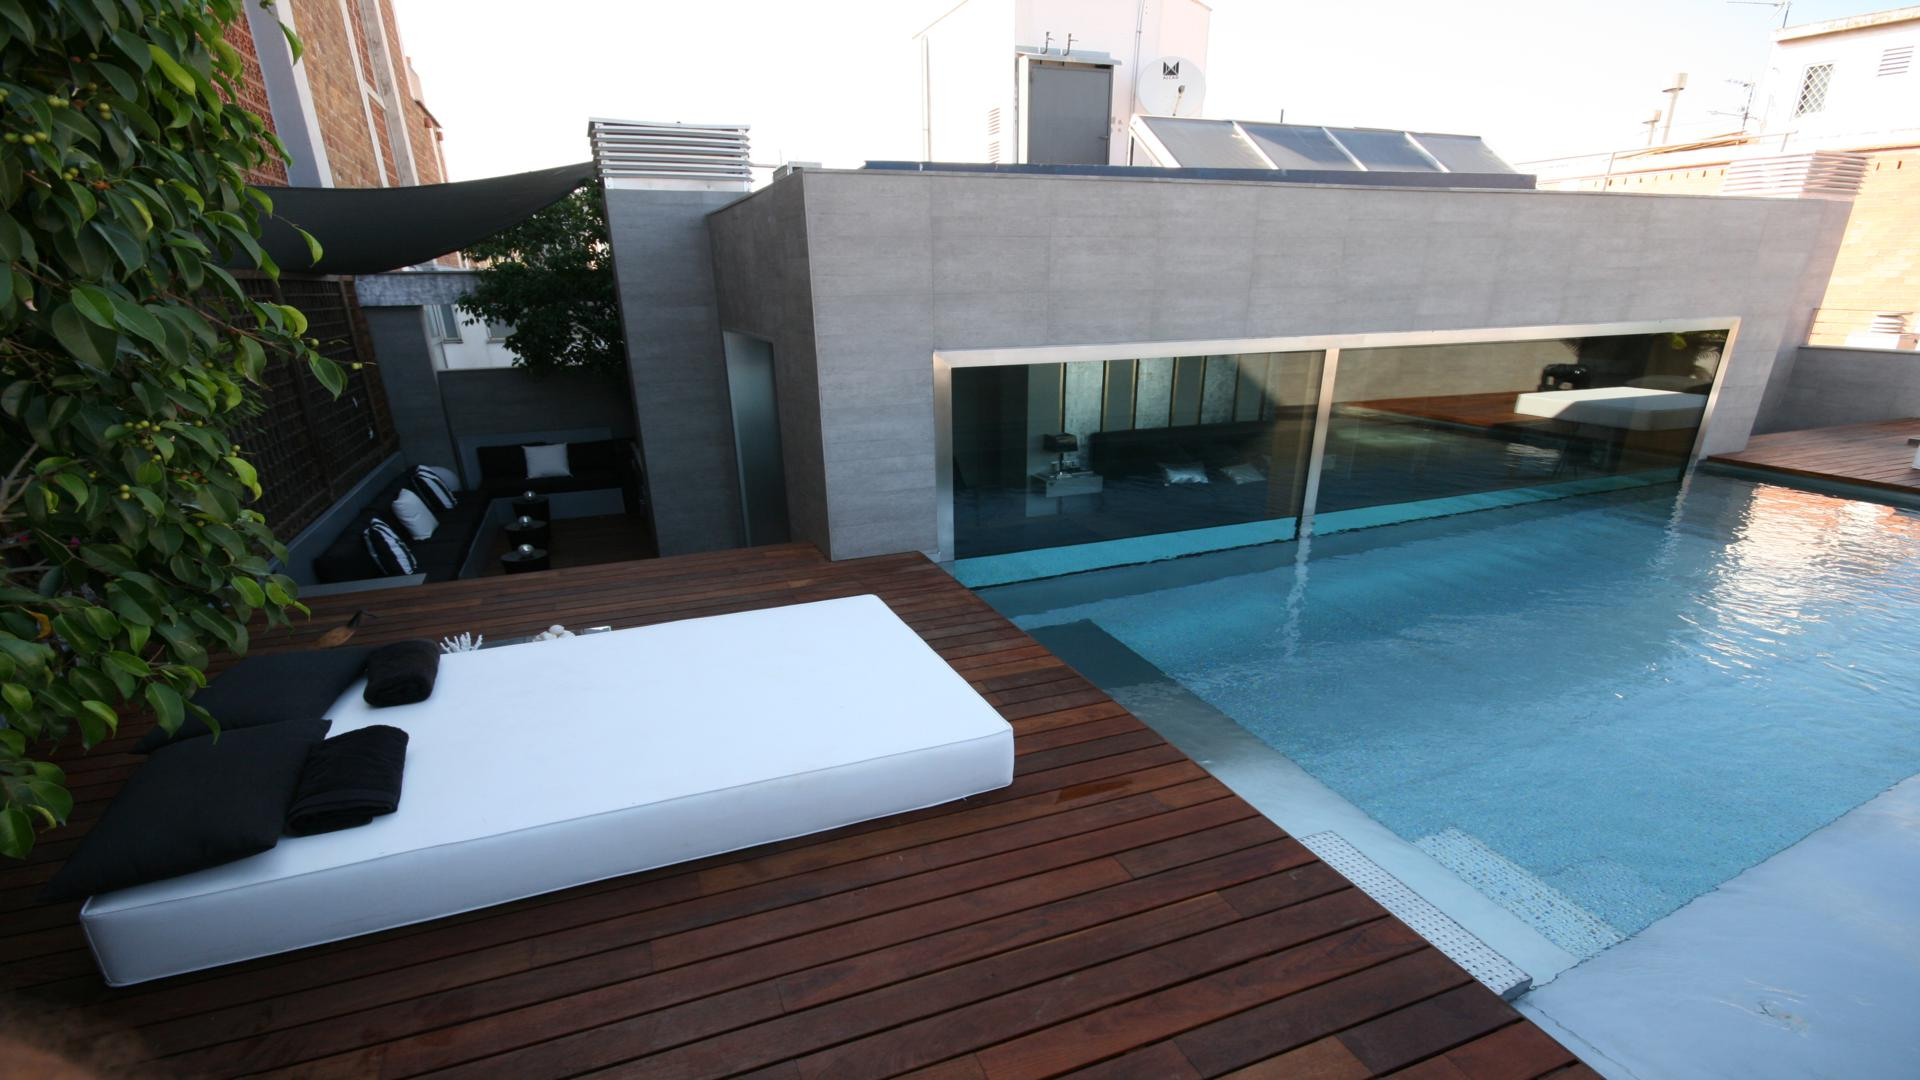 Criterio dise o piscina casa dise o for Piscinas para enterrar precios